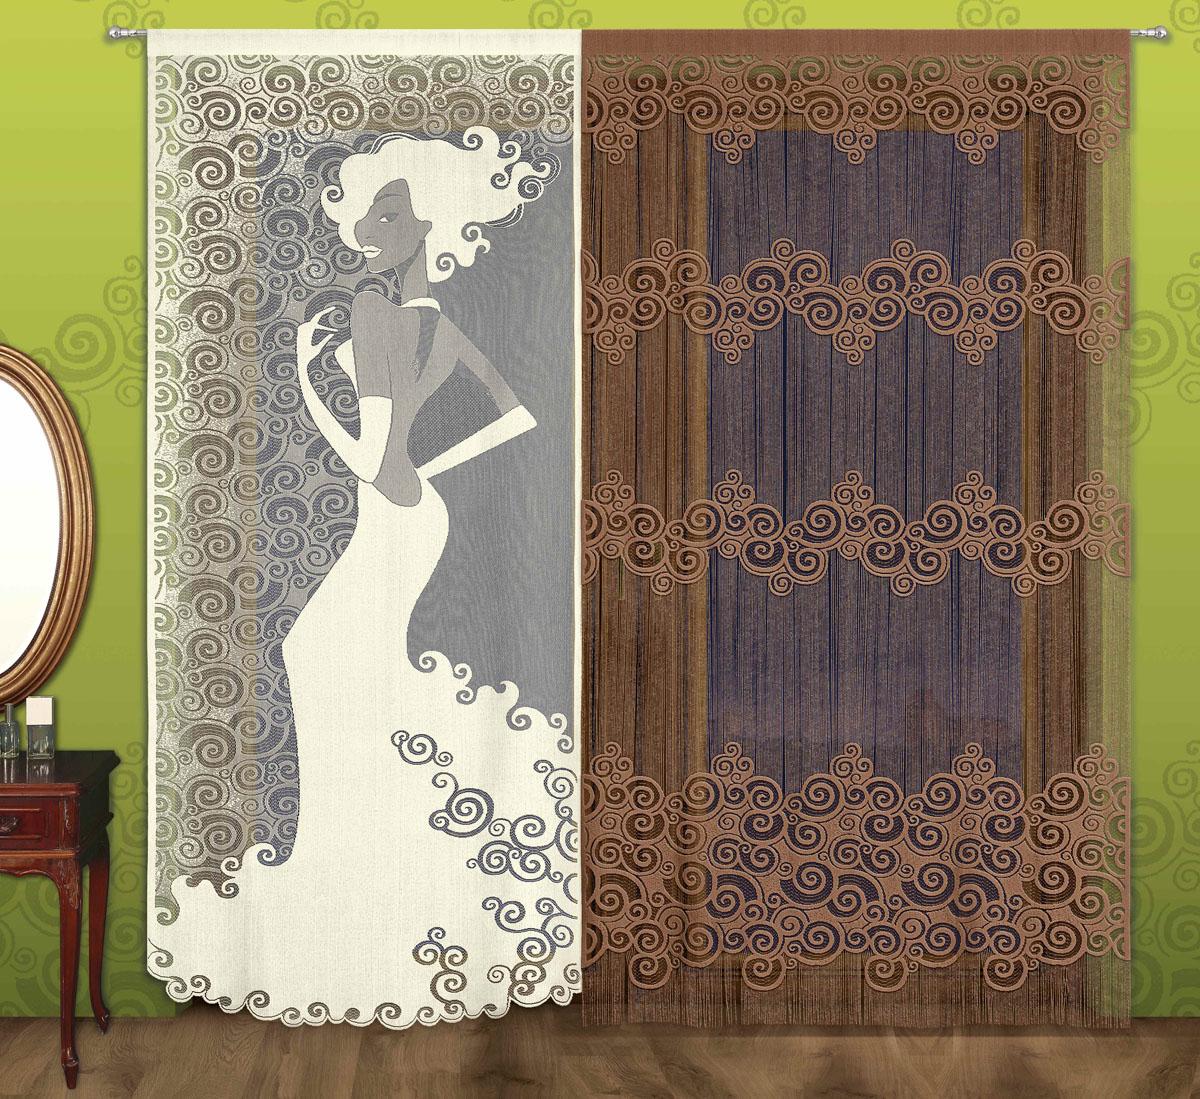 Комплект гардин Мадемуазель, на кулиске, цвет: кремовый, коричневый, высота 240 см